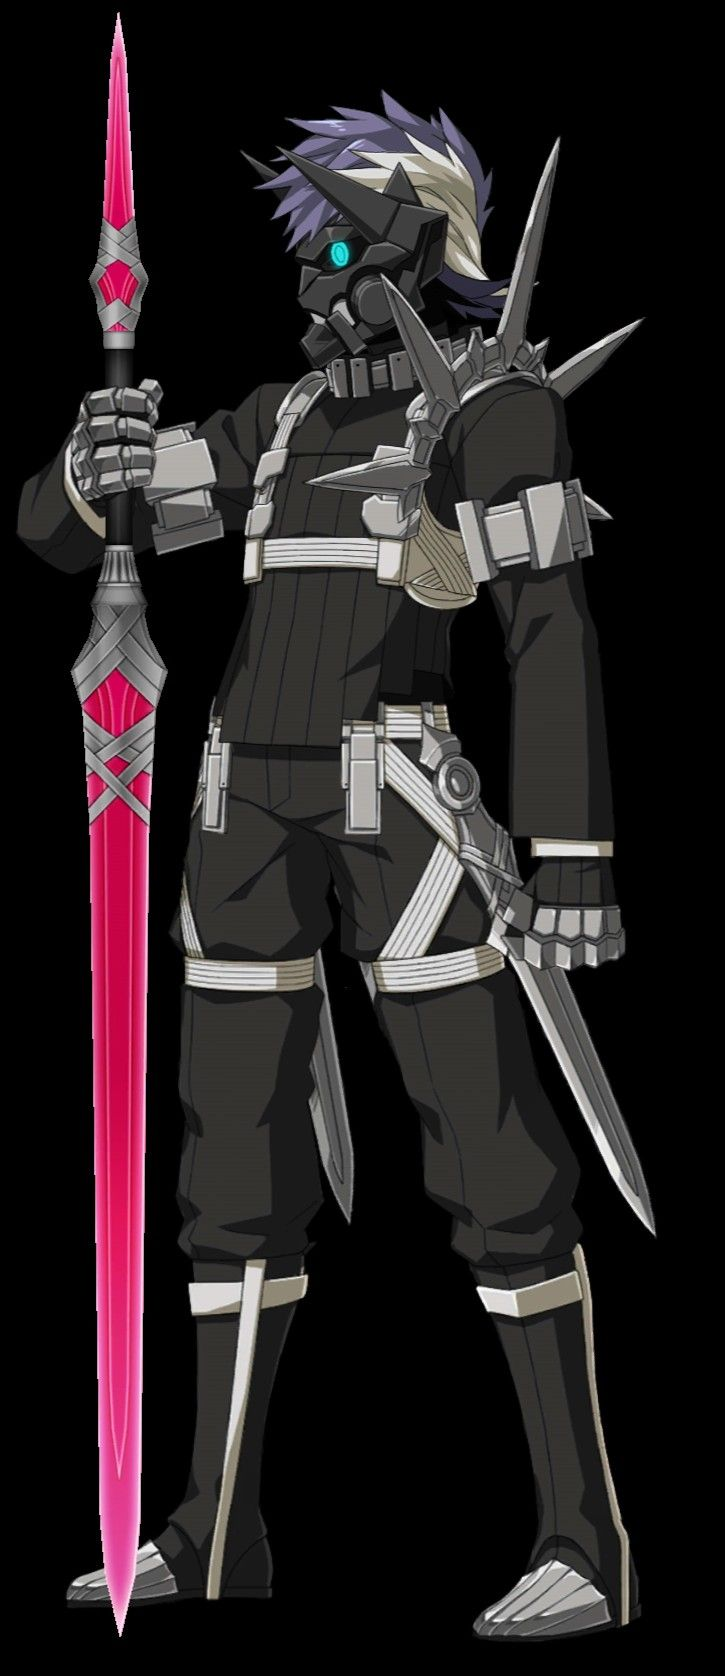 SABERSIGURD Character, Darth, Darth vader